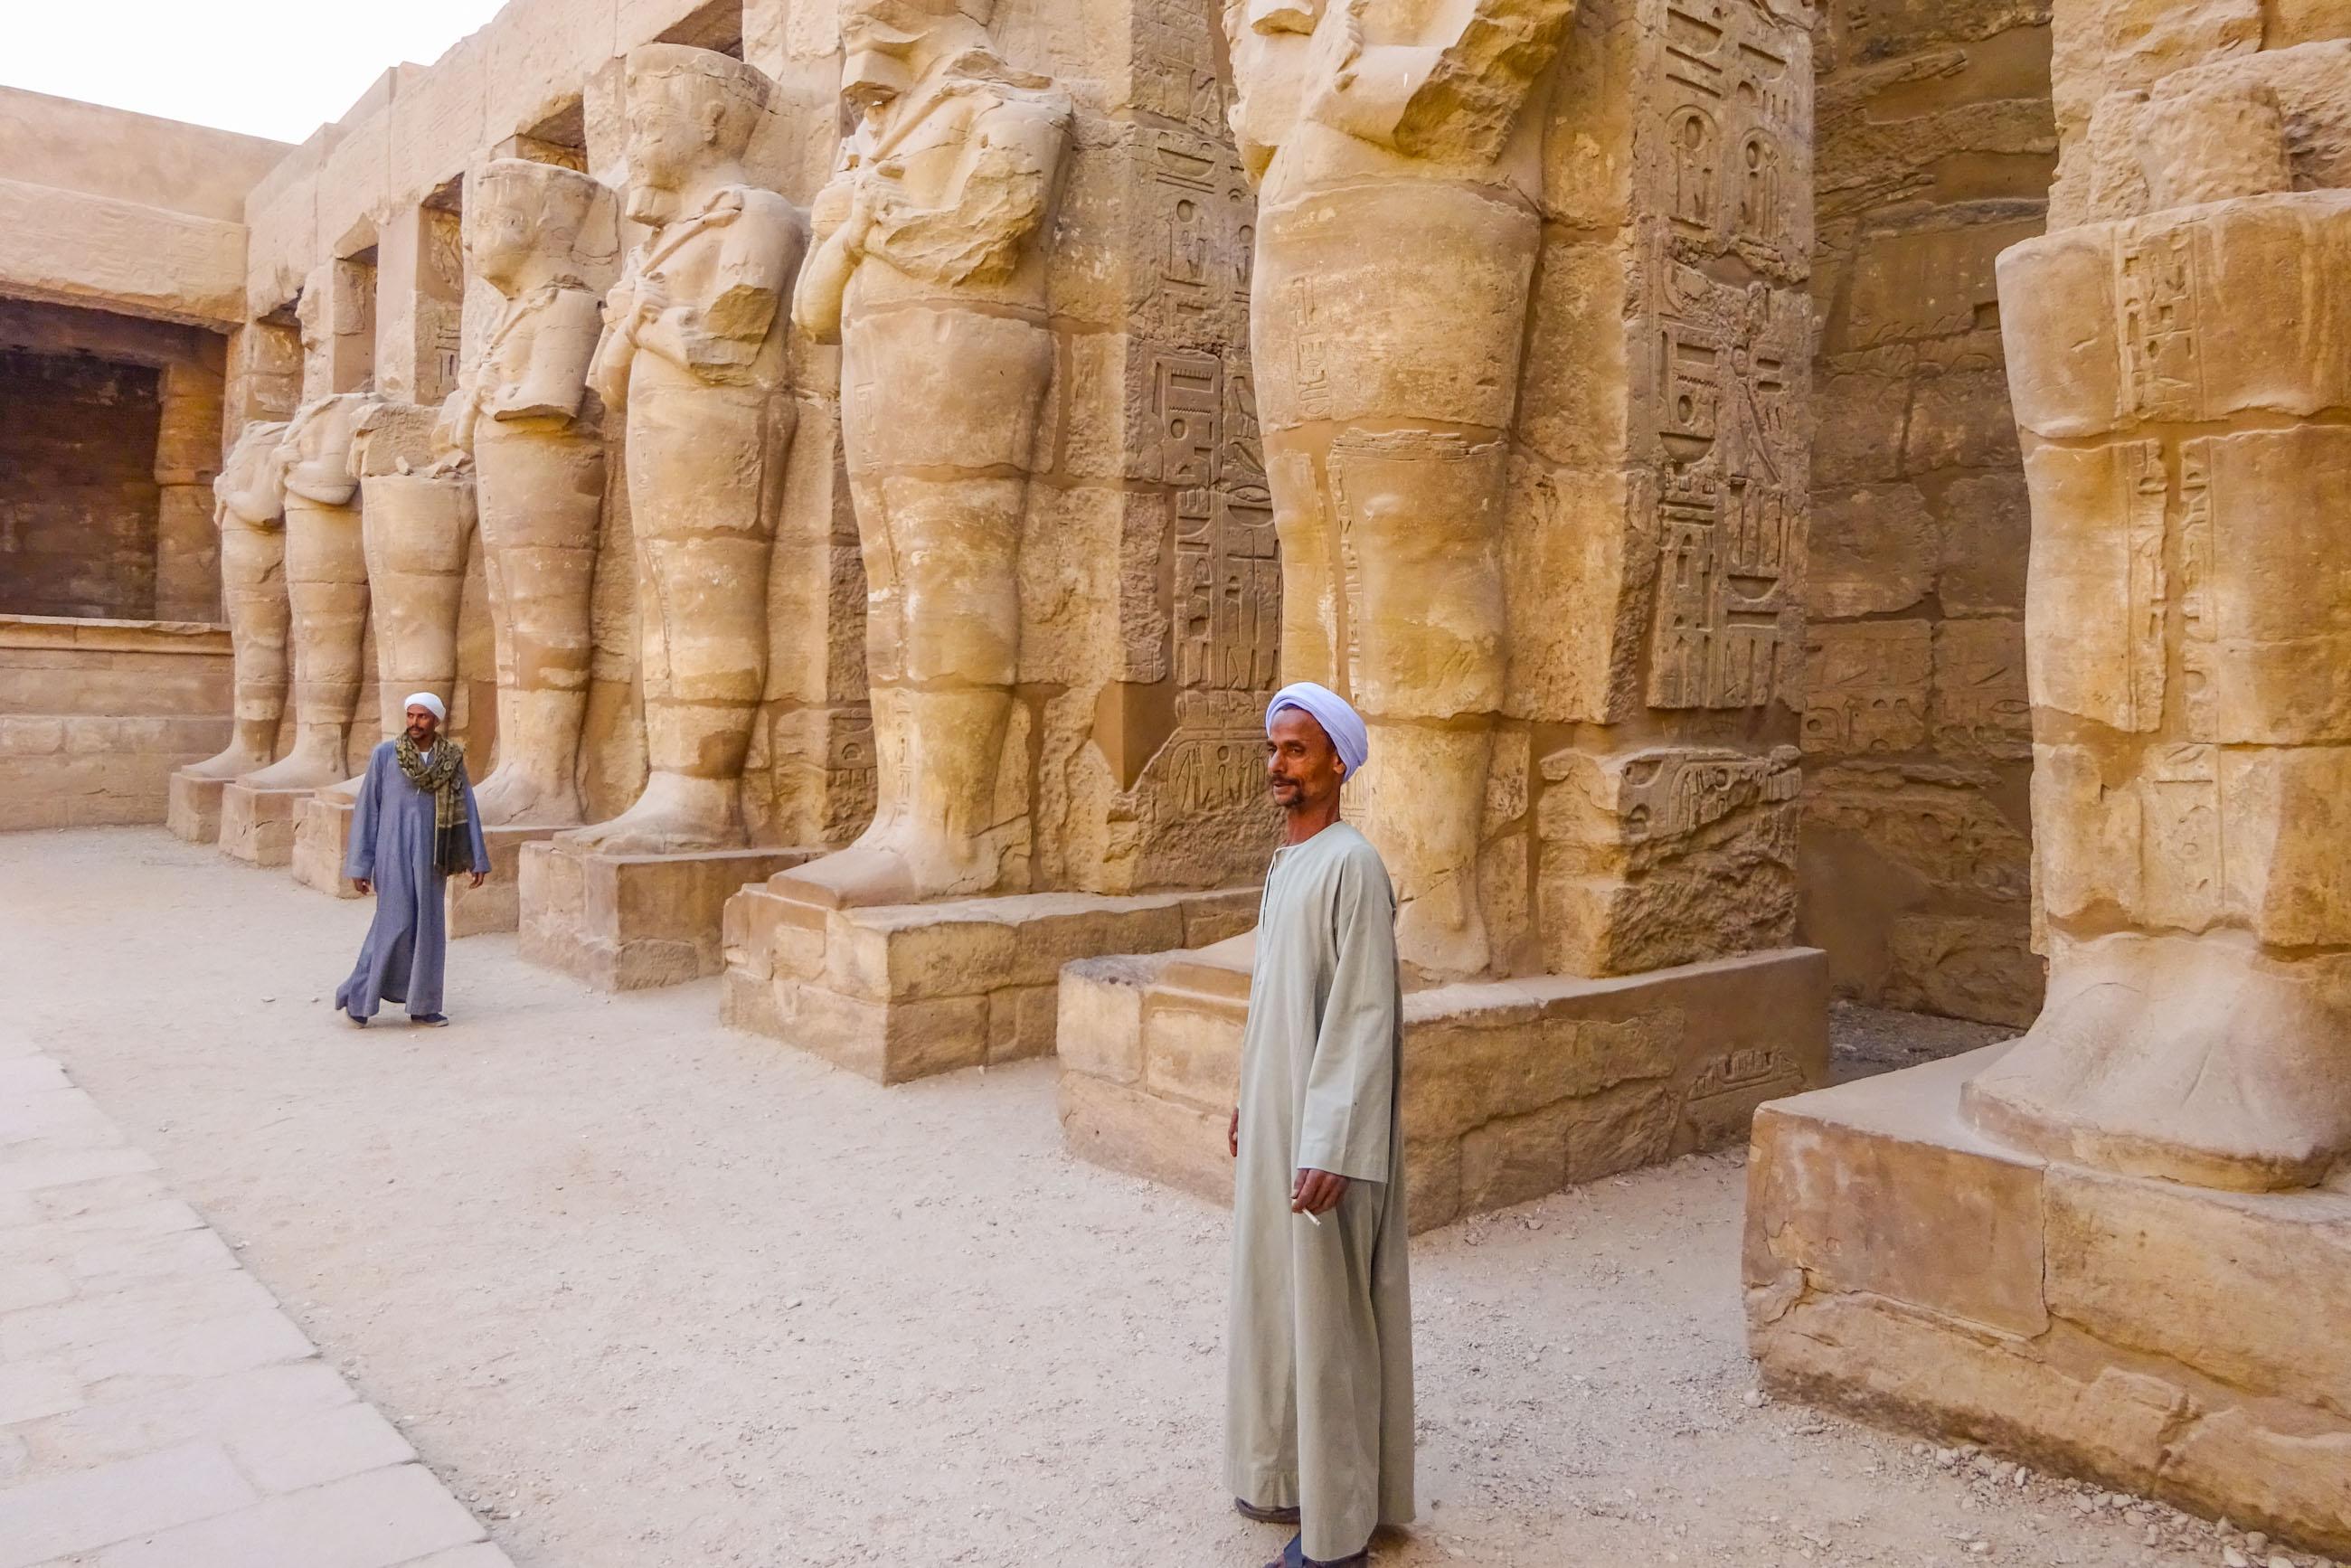 https://bubo.sk/uploads/galleries/17820/miroslavadlha_egypt_karnak_luxor-85-.jpg